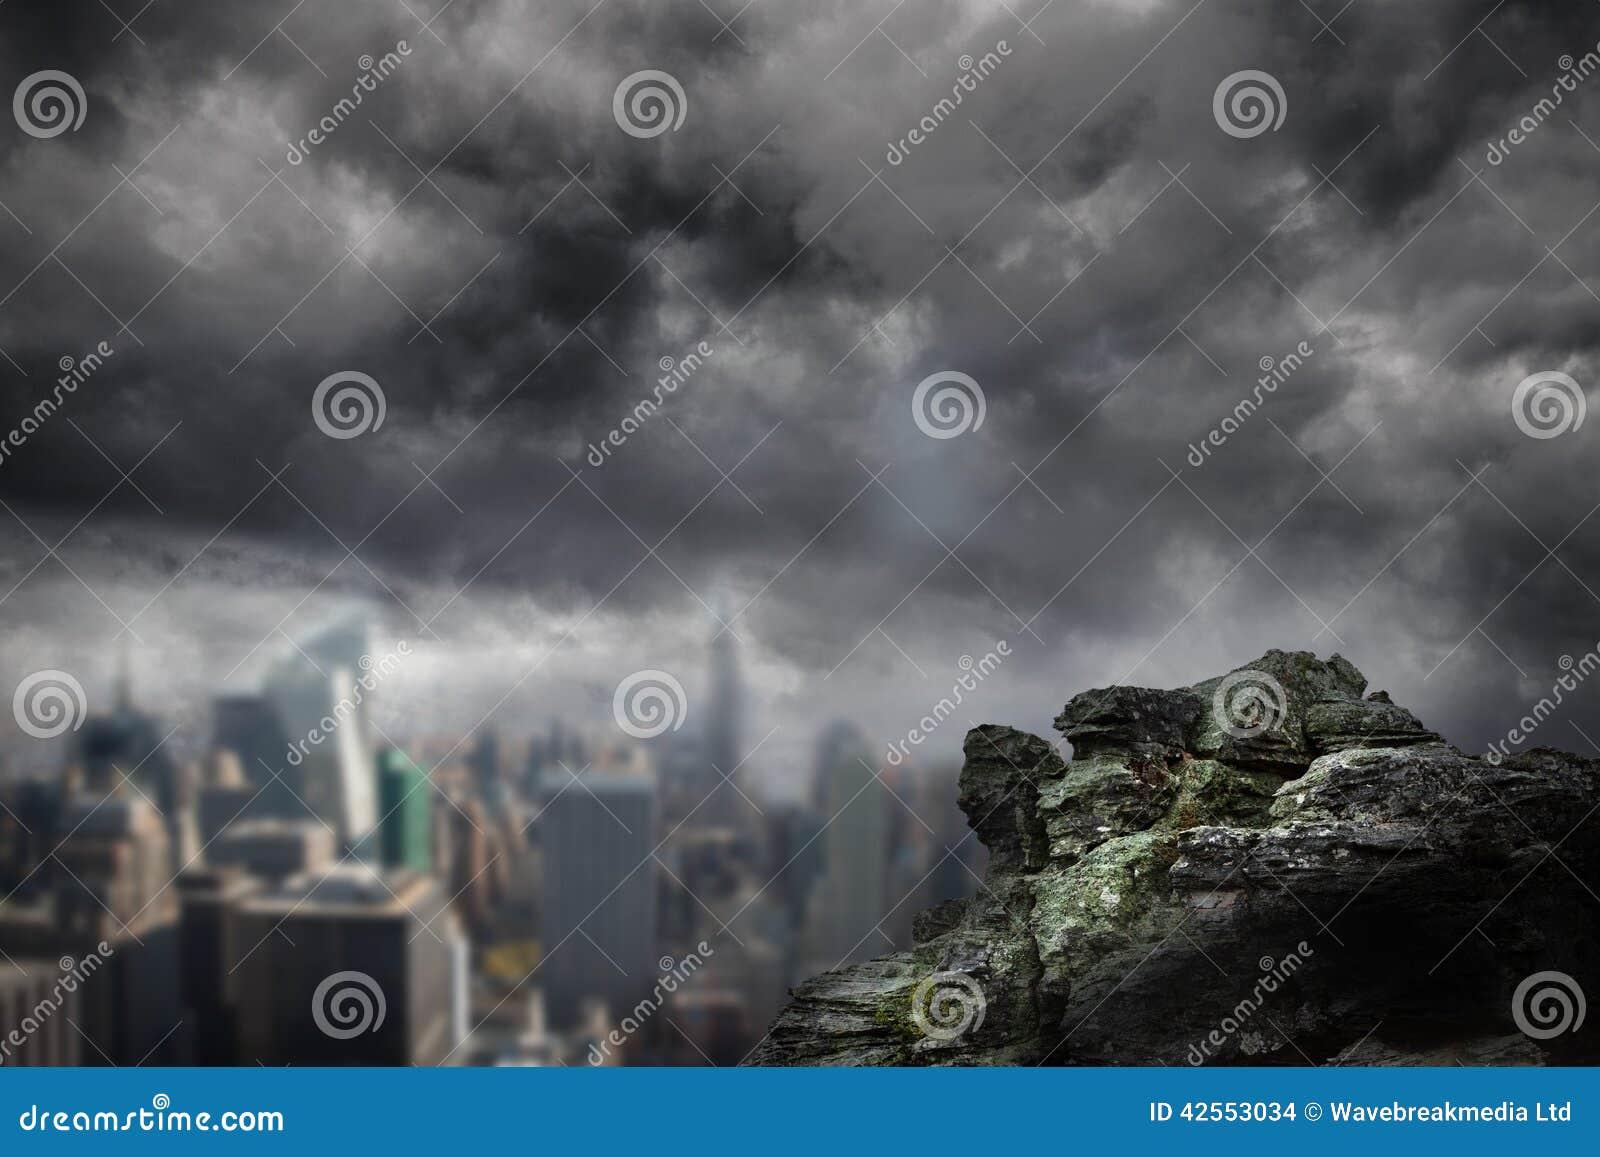 Large rock overlooking dark city